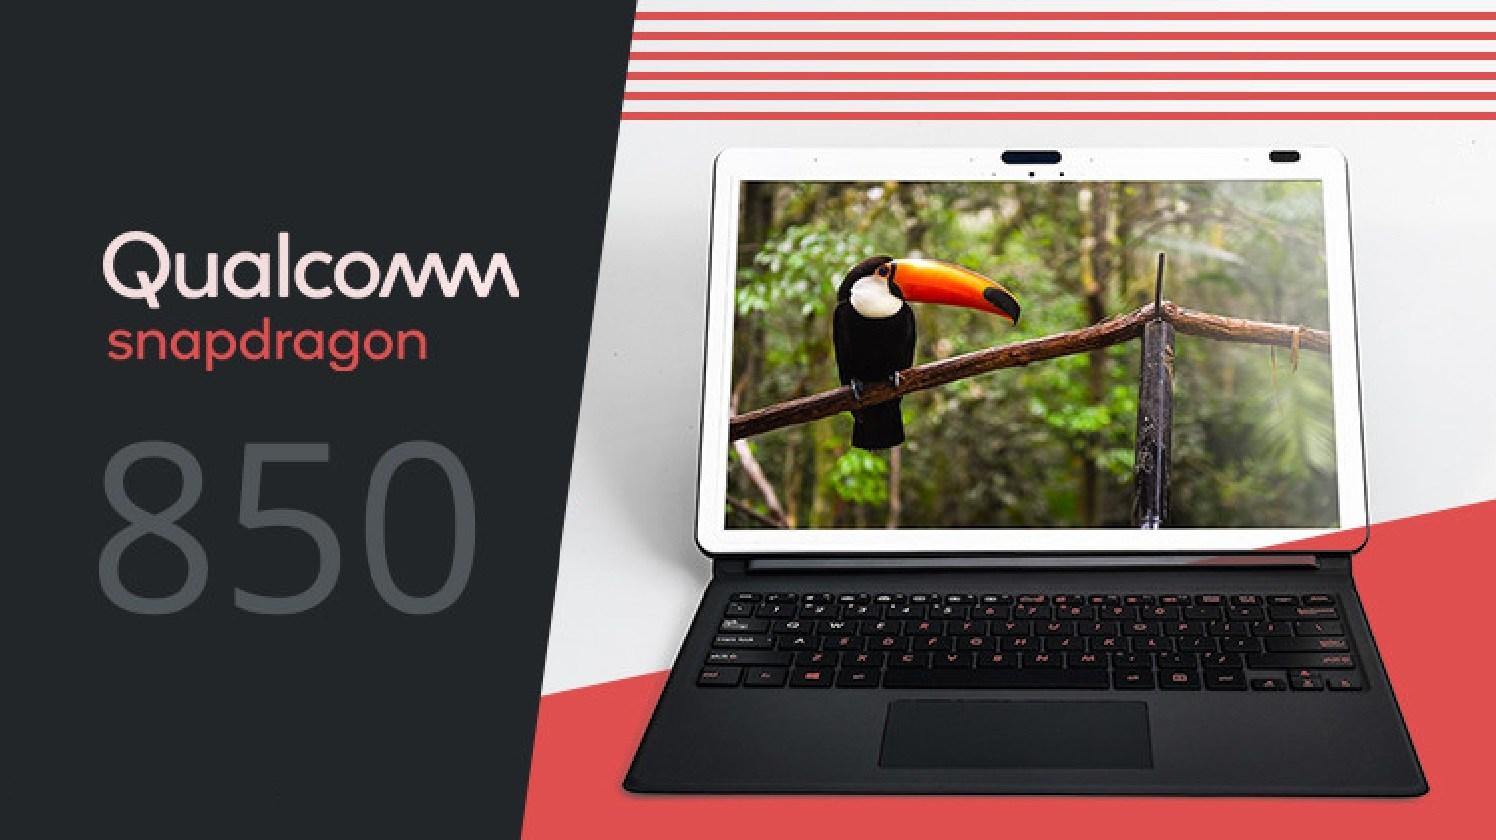 Snapdragon 850 lộ điểm hiệu năng đáng thất vọng, bao giờ laptop Windows 10 trên chip ARM mới chạy mượt?